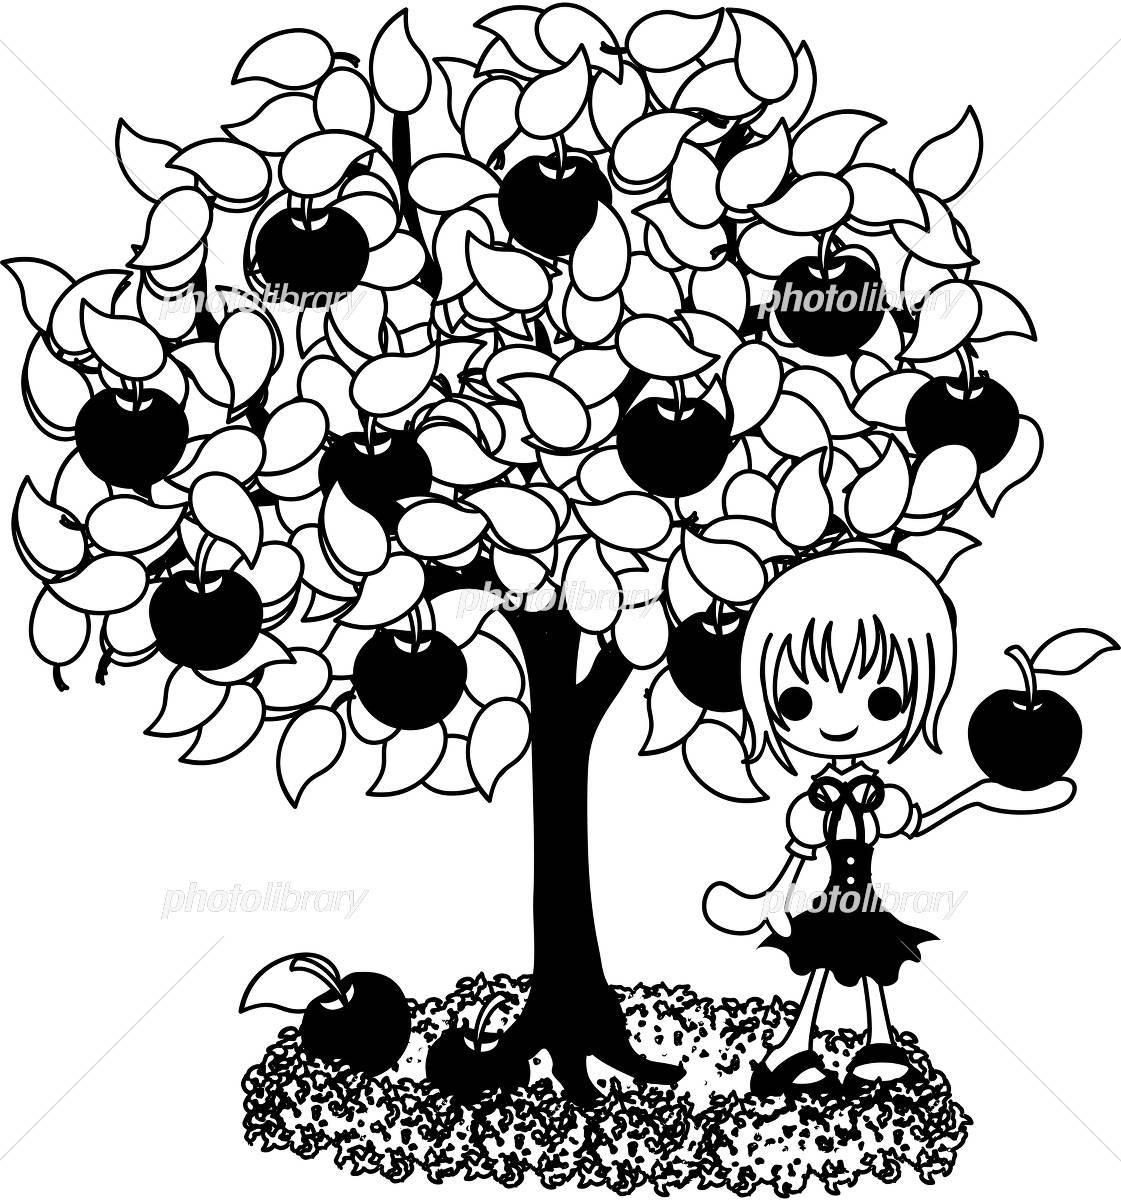 果物の木のイラストモノクロ イラスト素材 4131539 フォト